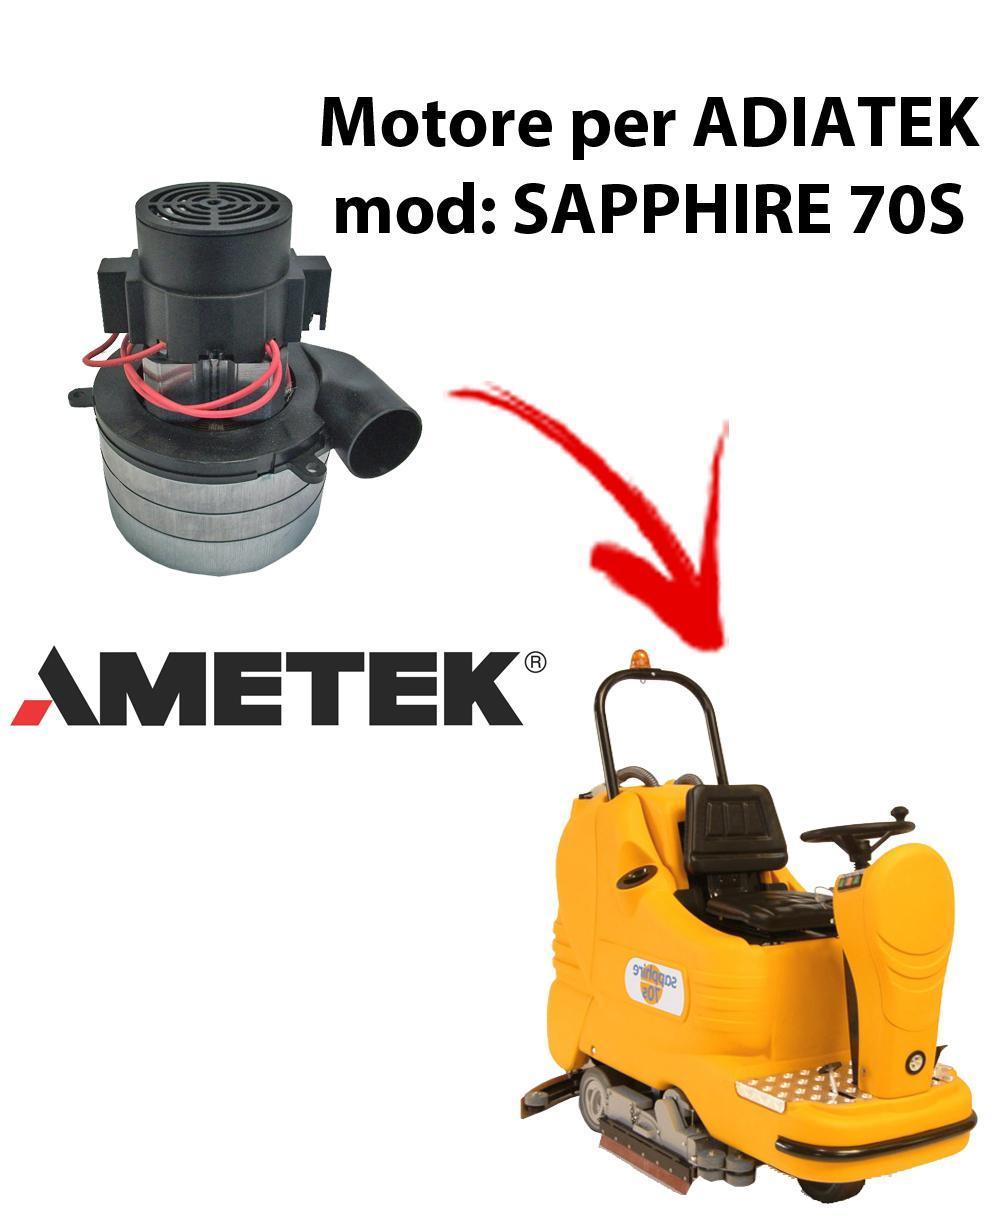 SAPPHIRE 70S Saugmotor AMETEK ITALIA für scheuersaugmaschinen Adiatek